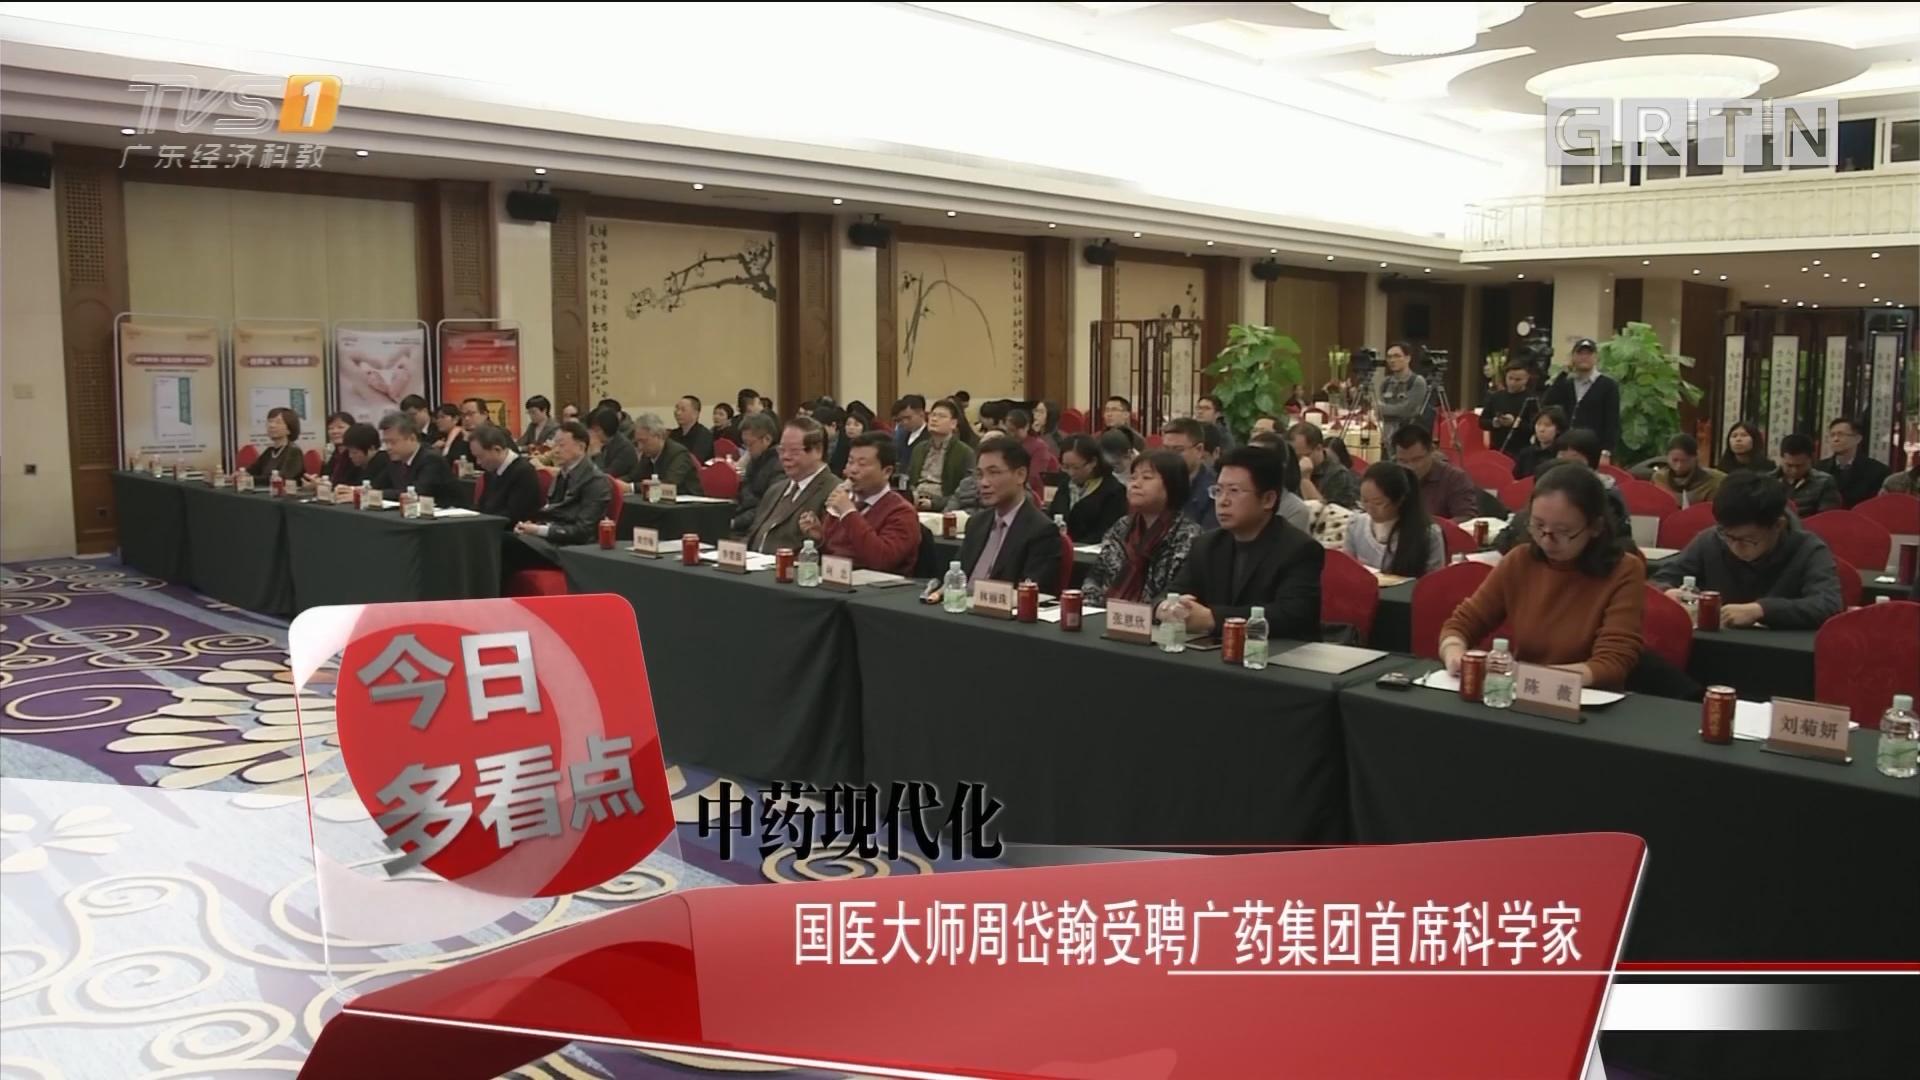 中药现代化:国医大师周岱翰受聘广药集团首席科学家